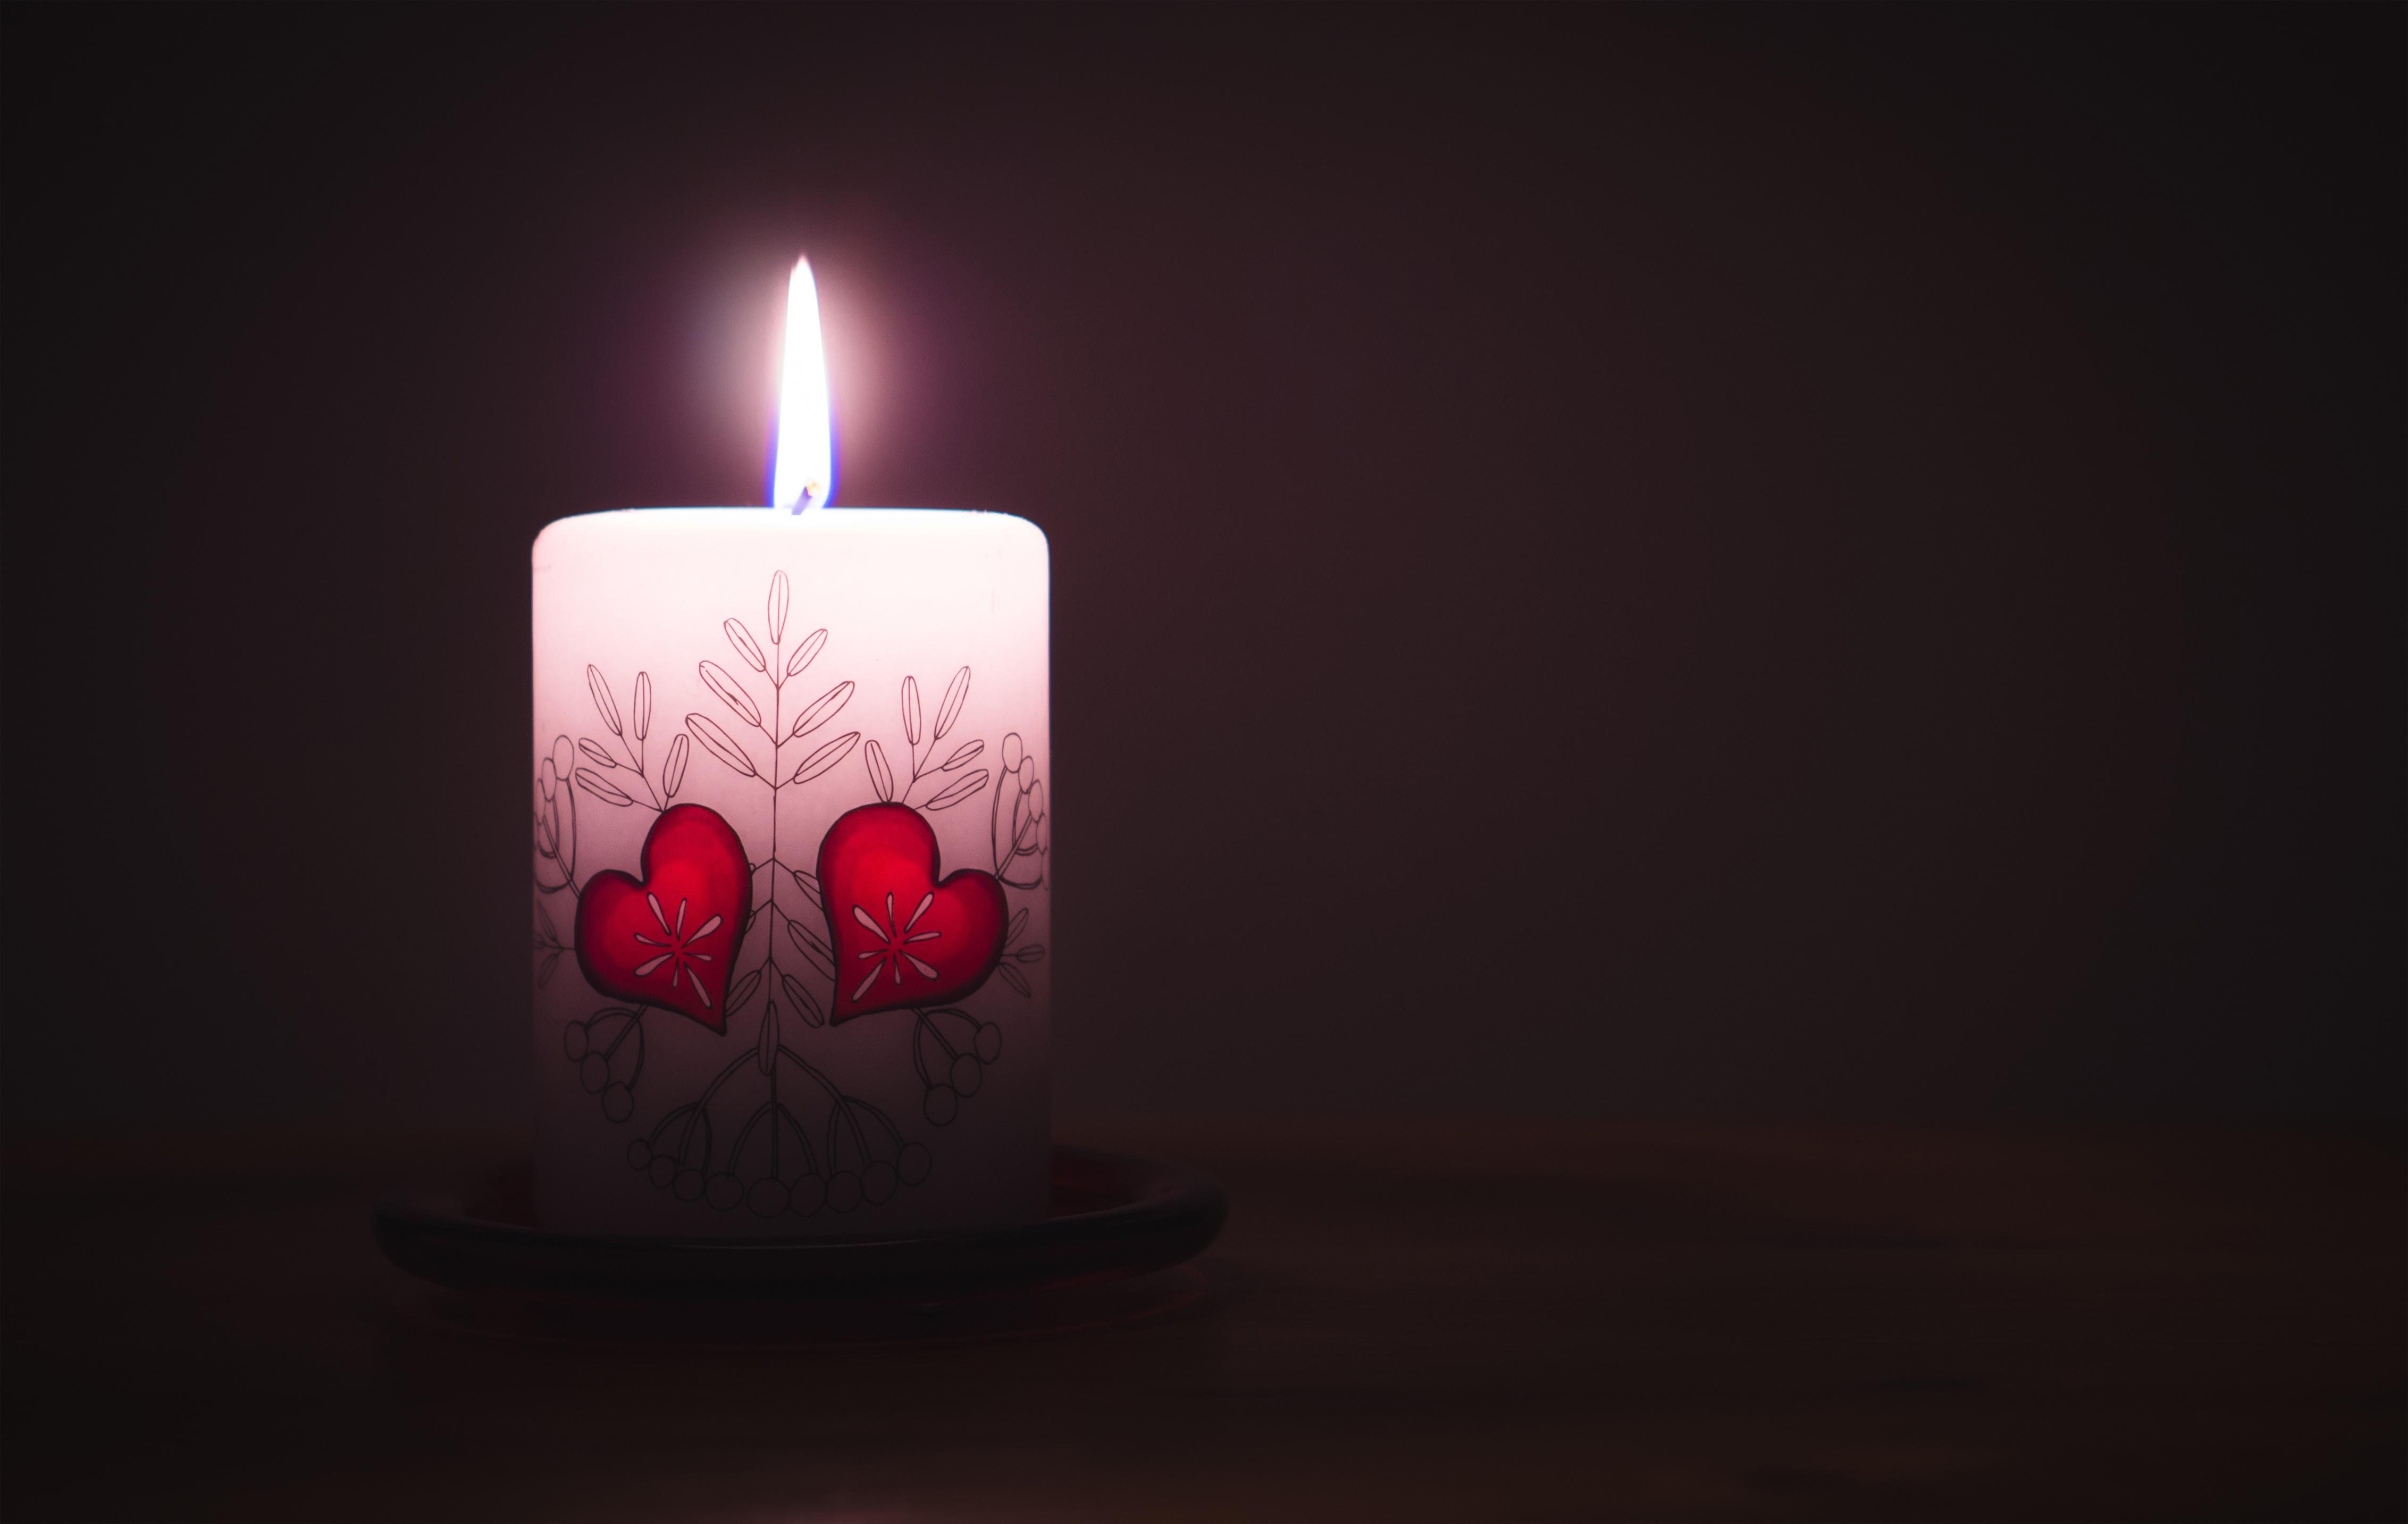 Bien-aimé Images Gratuites : lumière, atmosphère, foncé, fête, amour, cœur  VM13